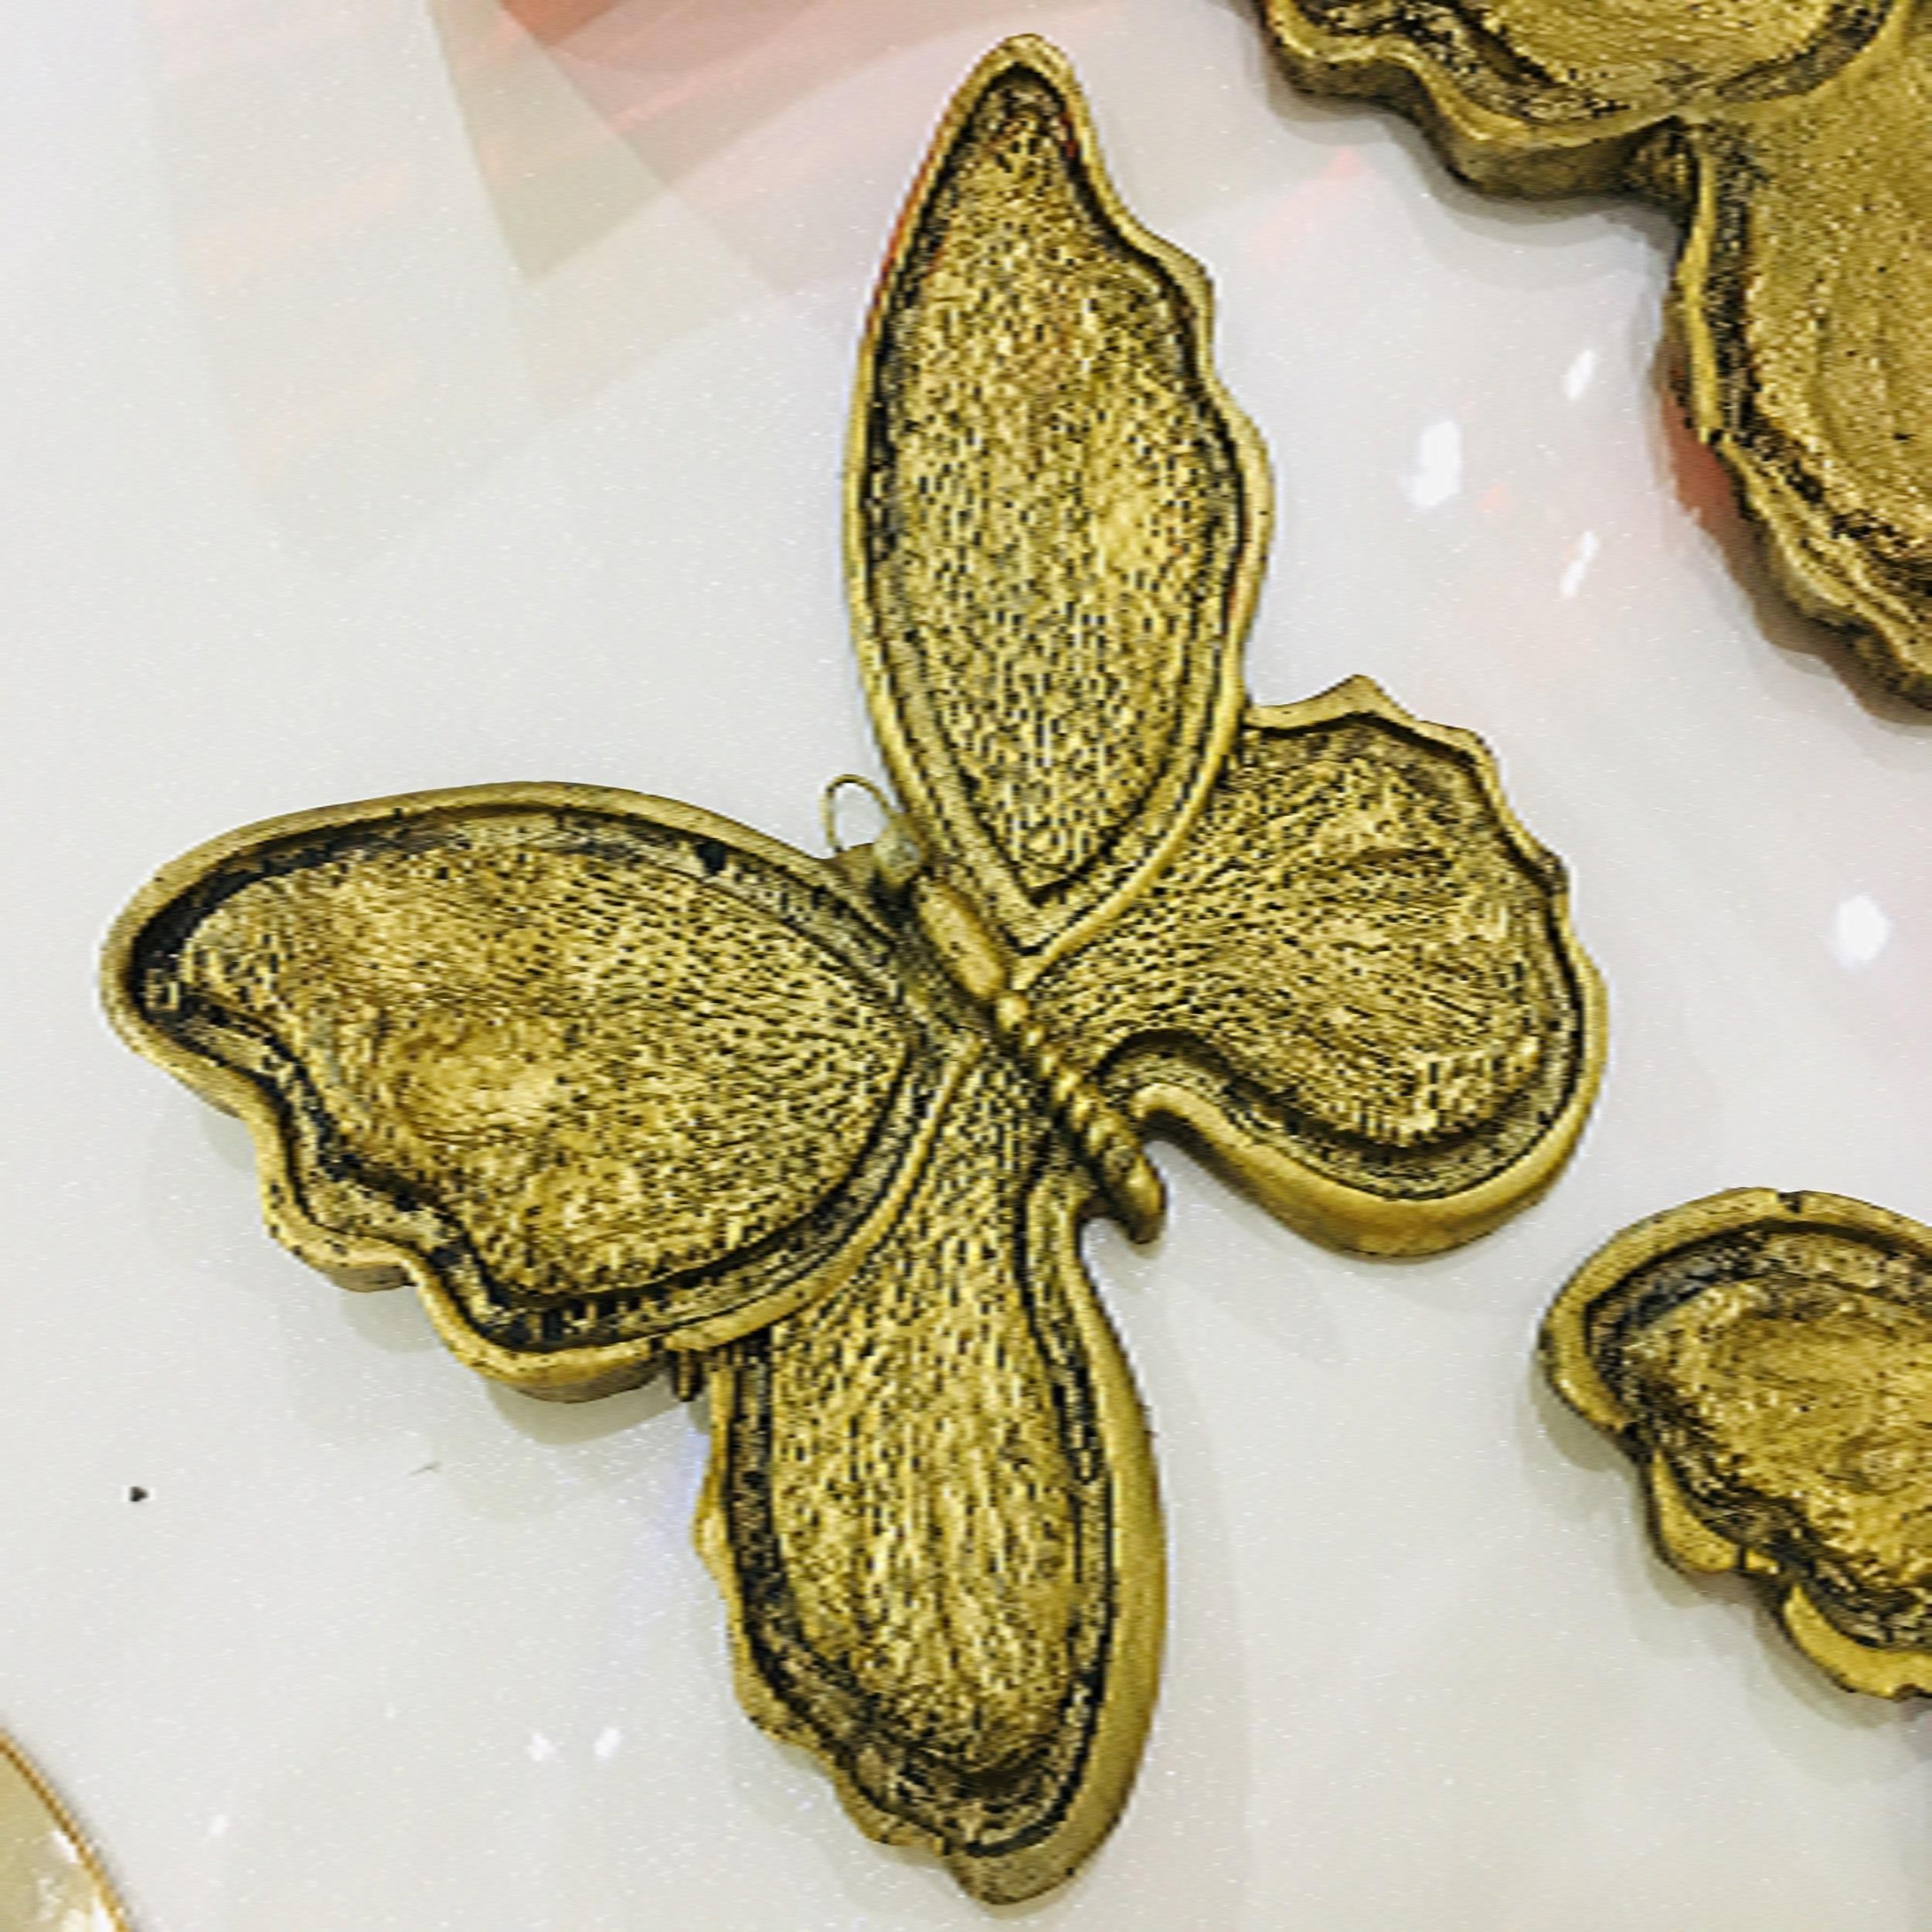 دیوارکوب تزئینی  طرح پروانه  مدل 526 مجموعه سه تایی